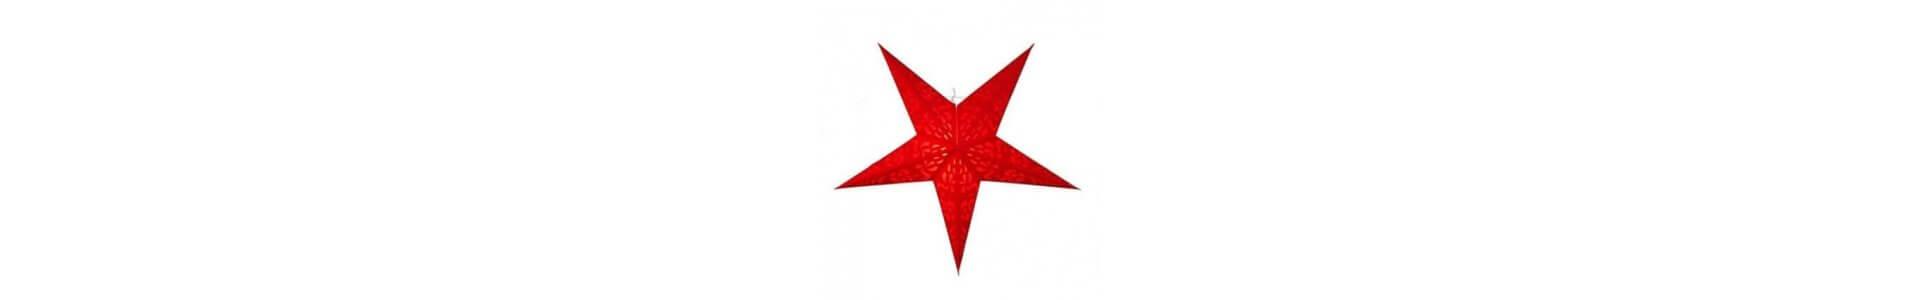 Julstjärnor utan sladd